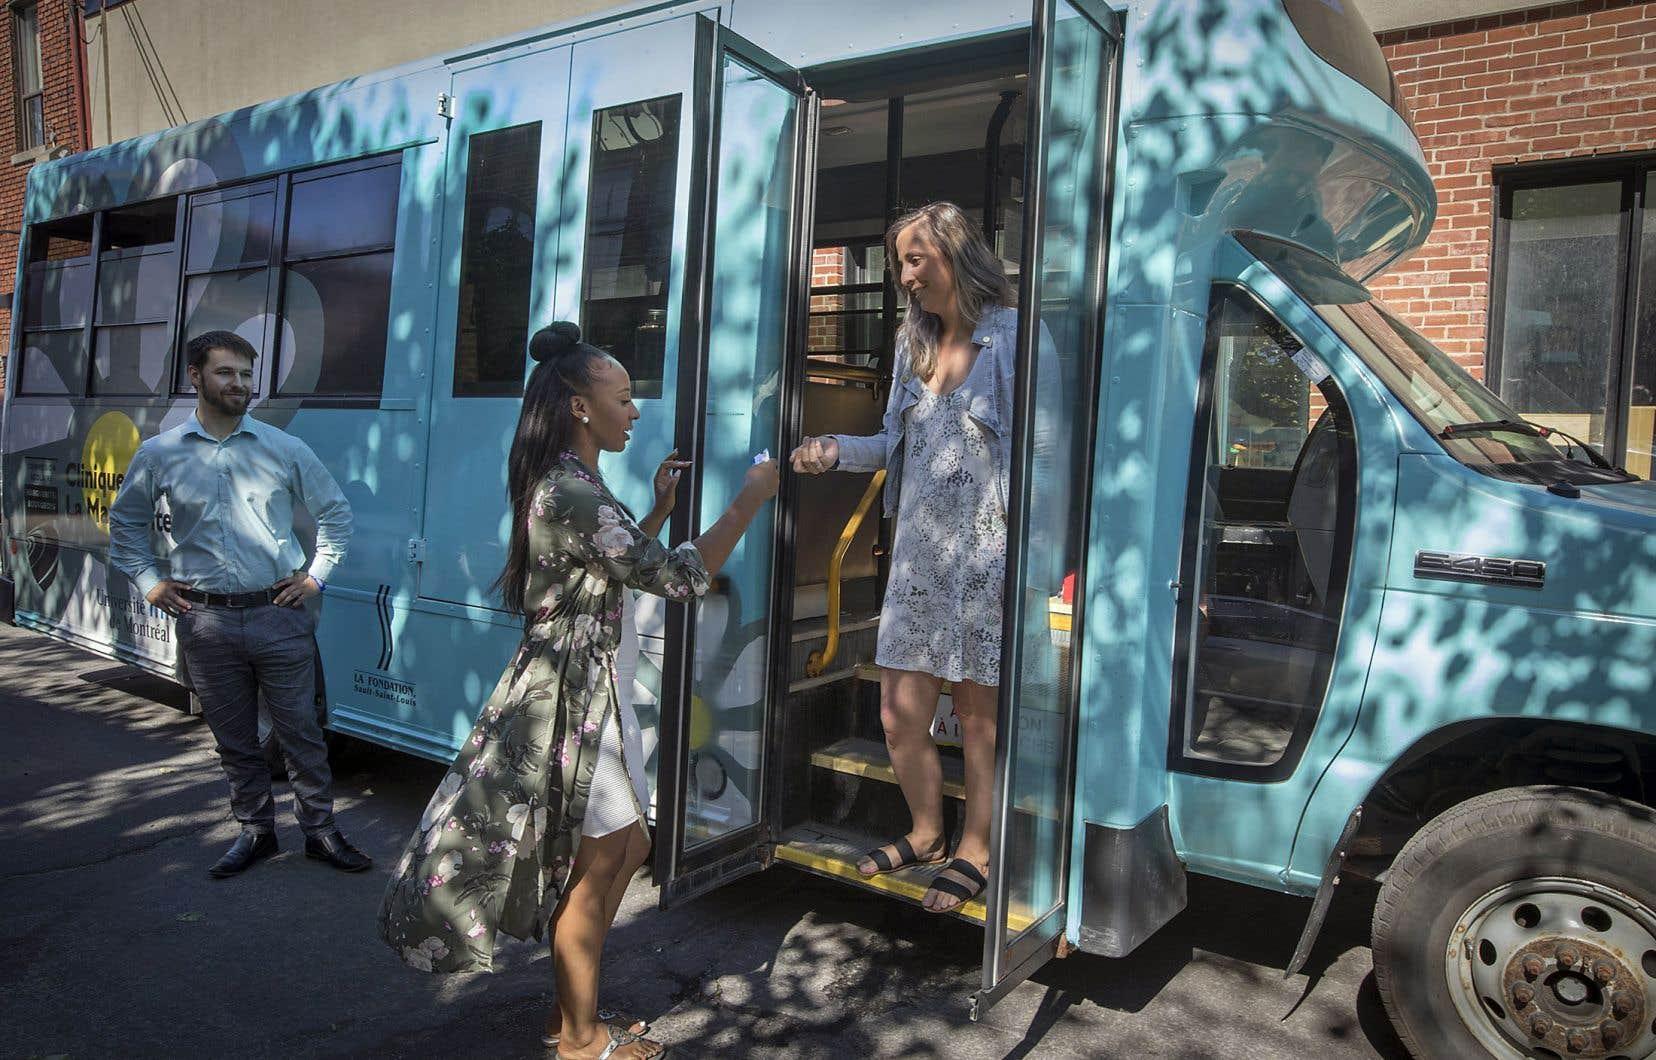 Un minibus de la Commission scolaire Marguerite-Bourgeoys permet aux intervenants d'aller rencontrer les familles dans leur milieu.